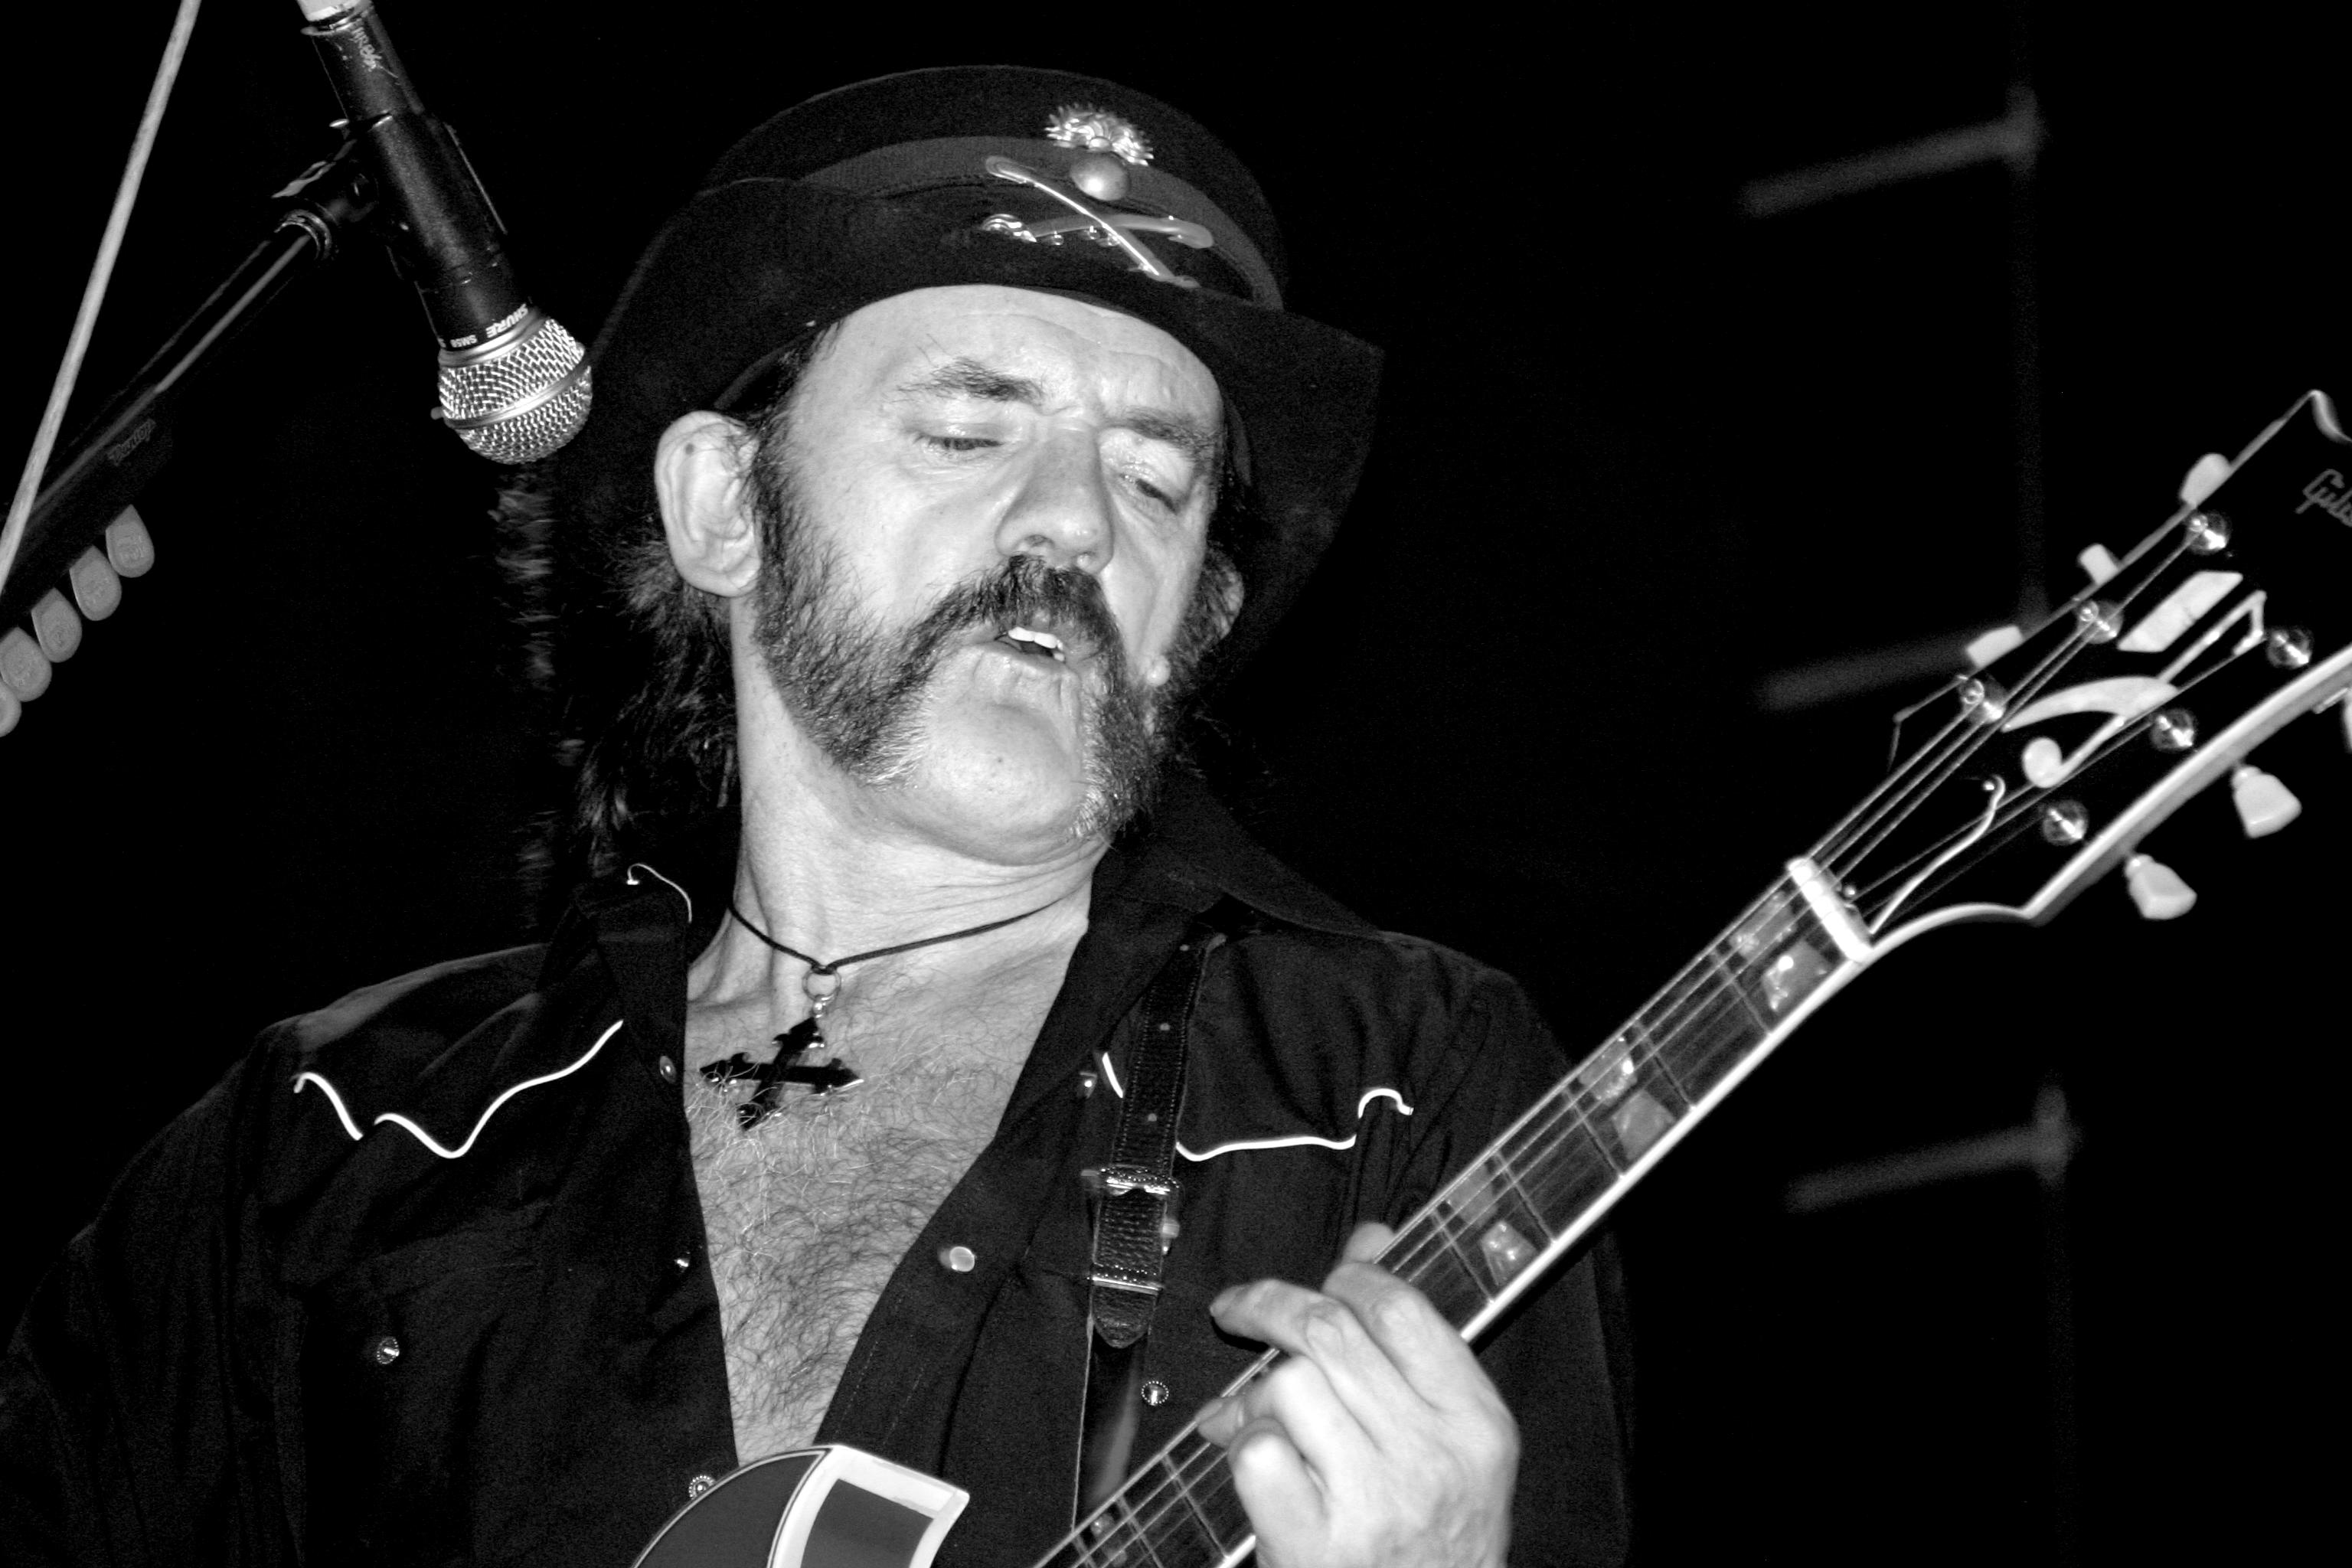 Techno-DJs, die gerne auf Rock'n'Roller machen, haben sich von ihm alles abgeschaut: RIP Lemmy